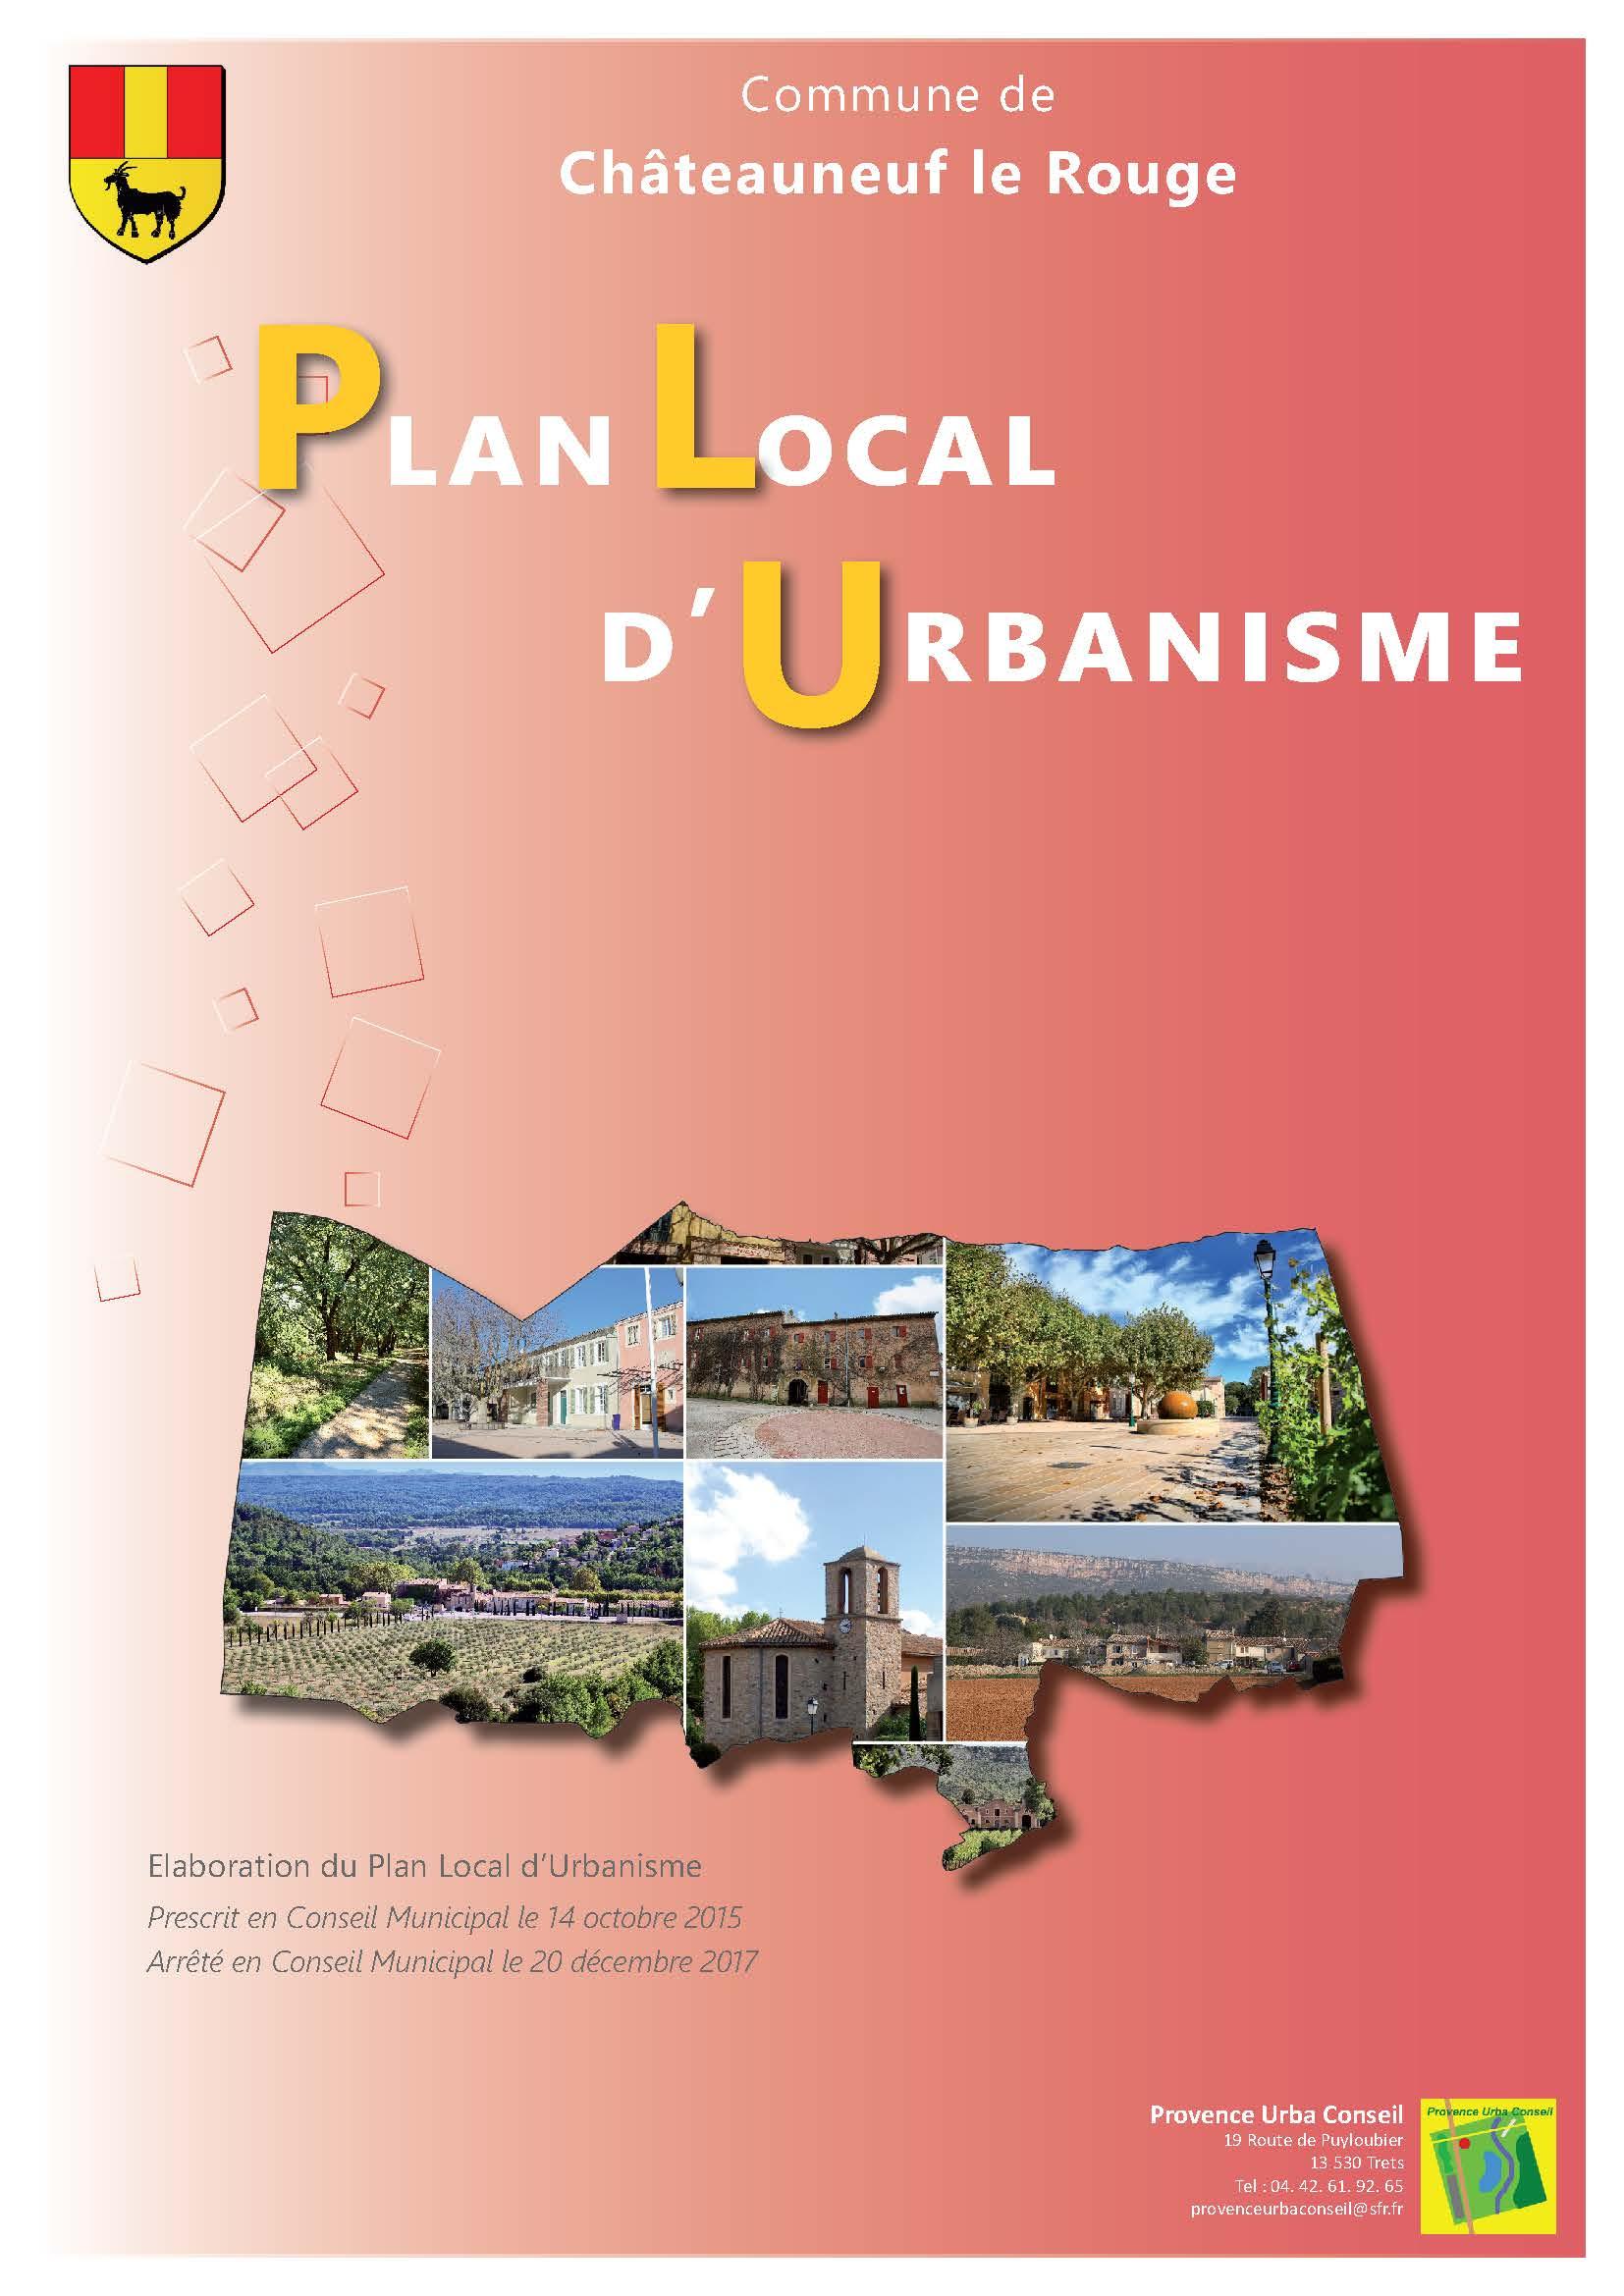 Plan Local d'Urbanisme de la commune de Châteauneuf Le Rouge